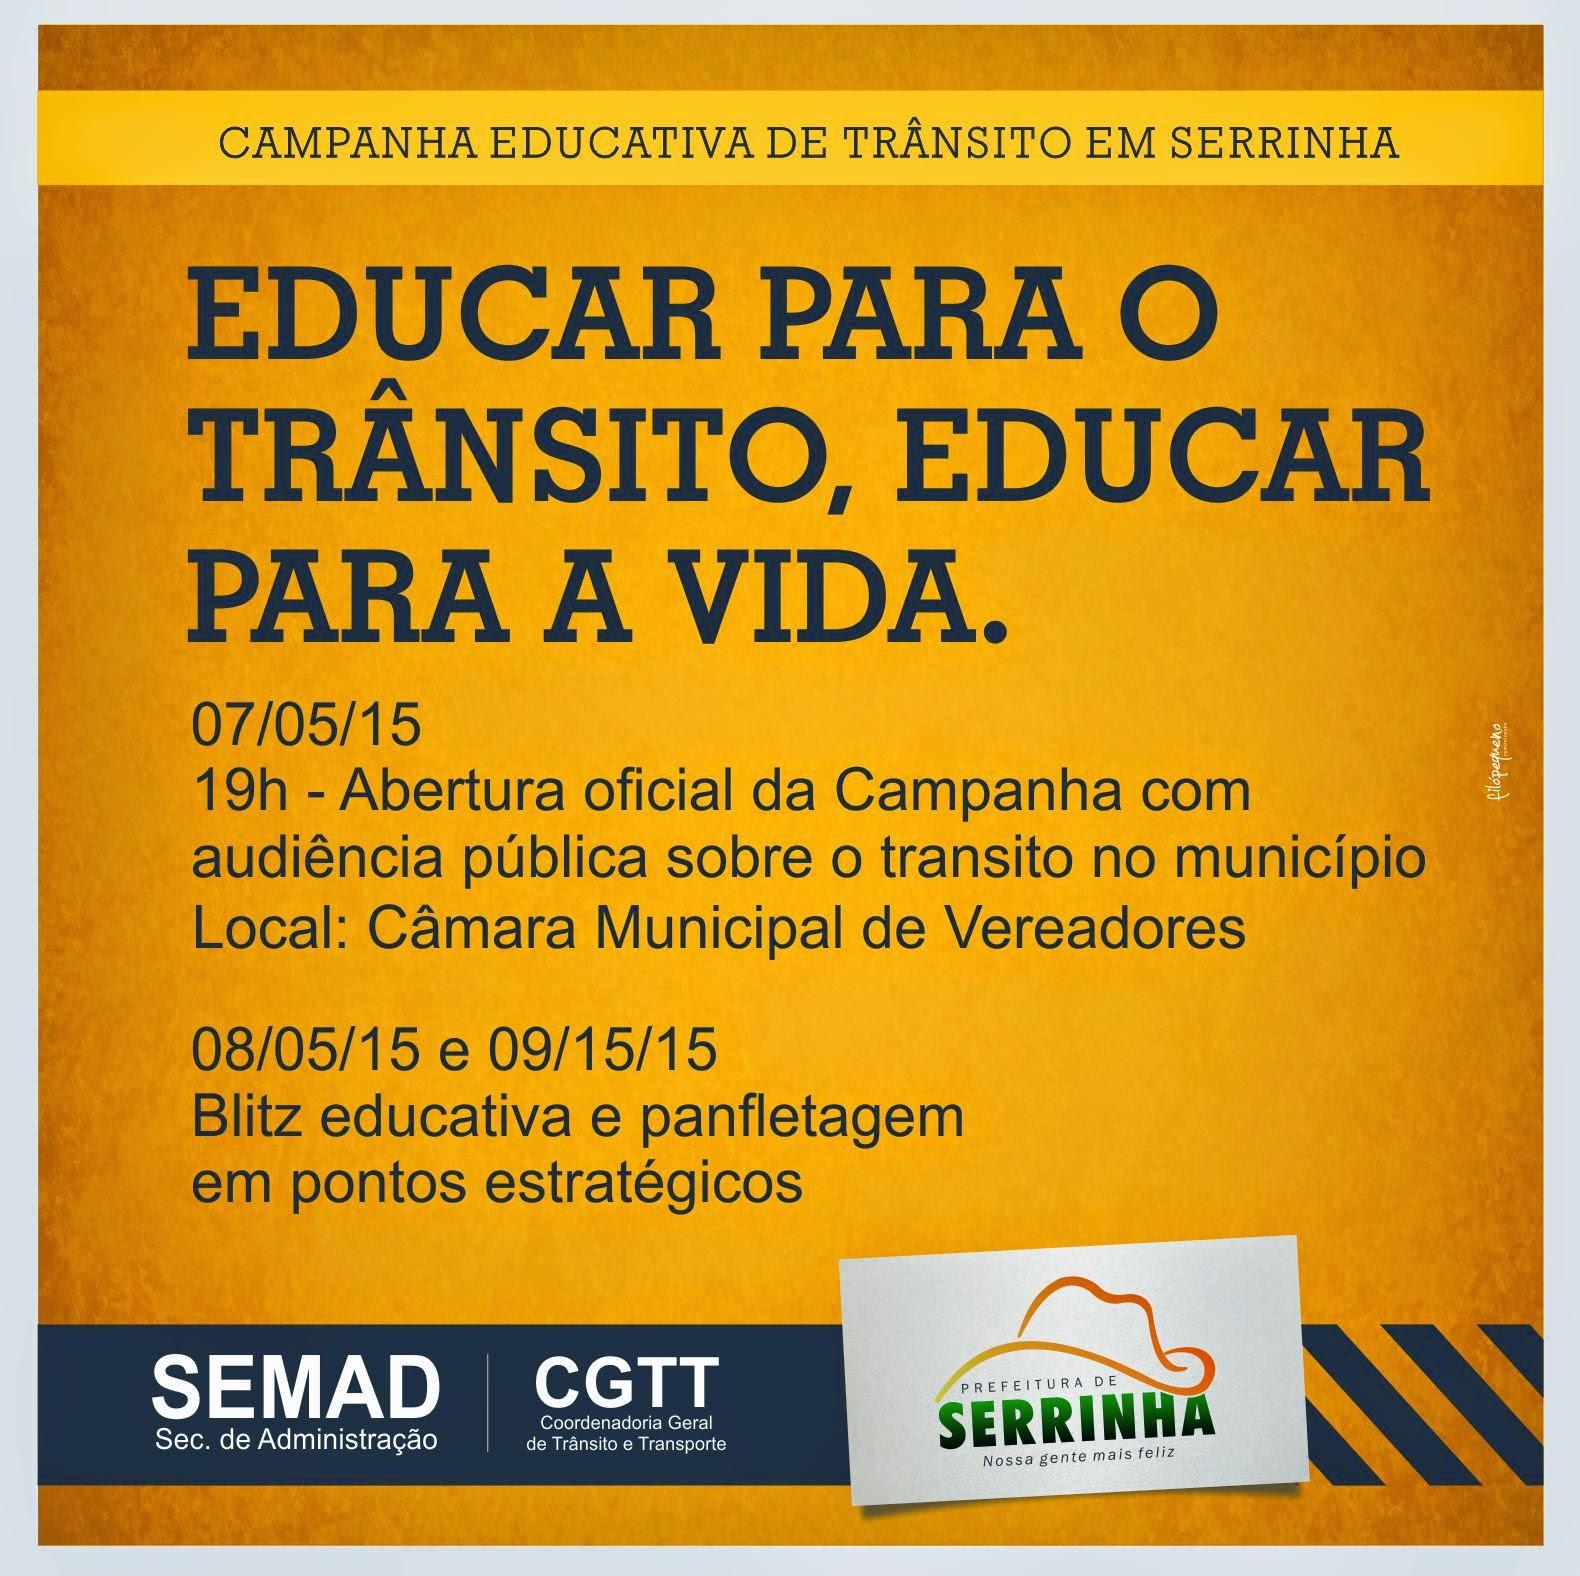 Prefeitura municipal de Serrinha comunica